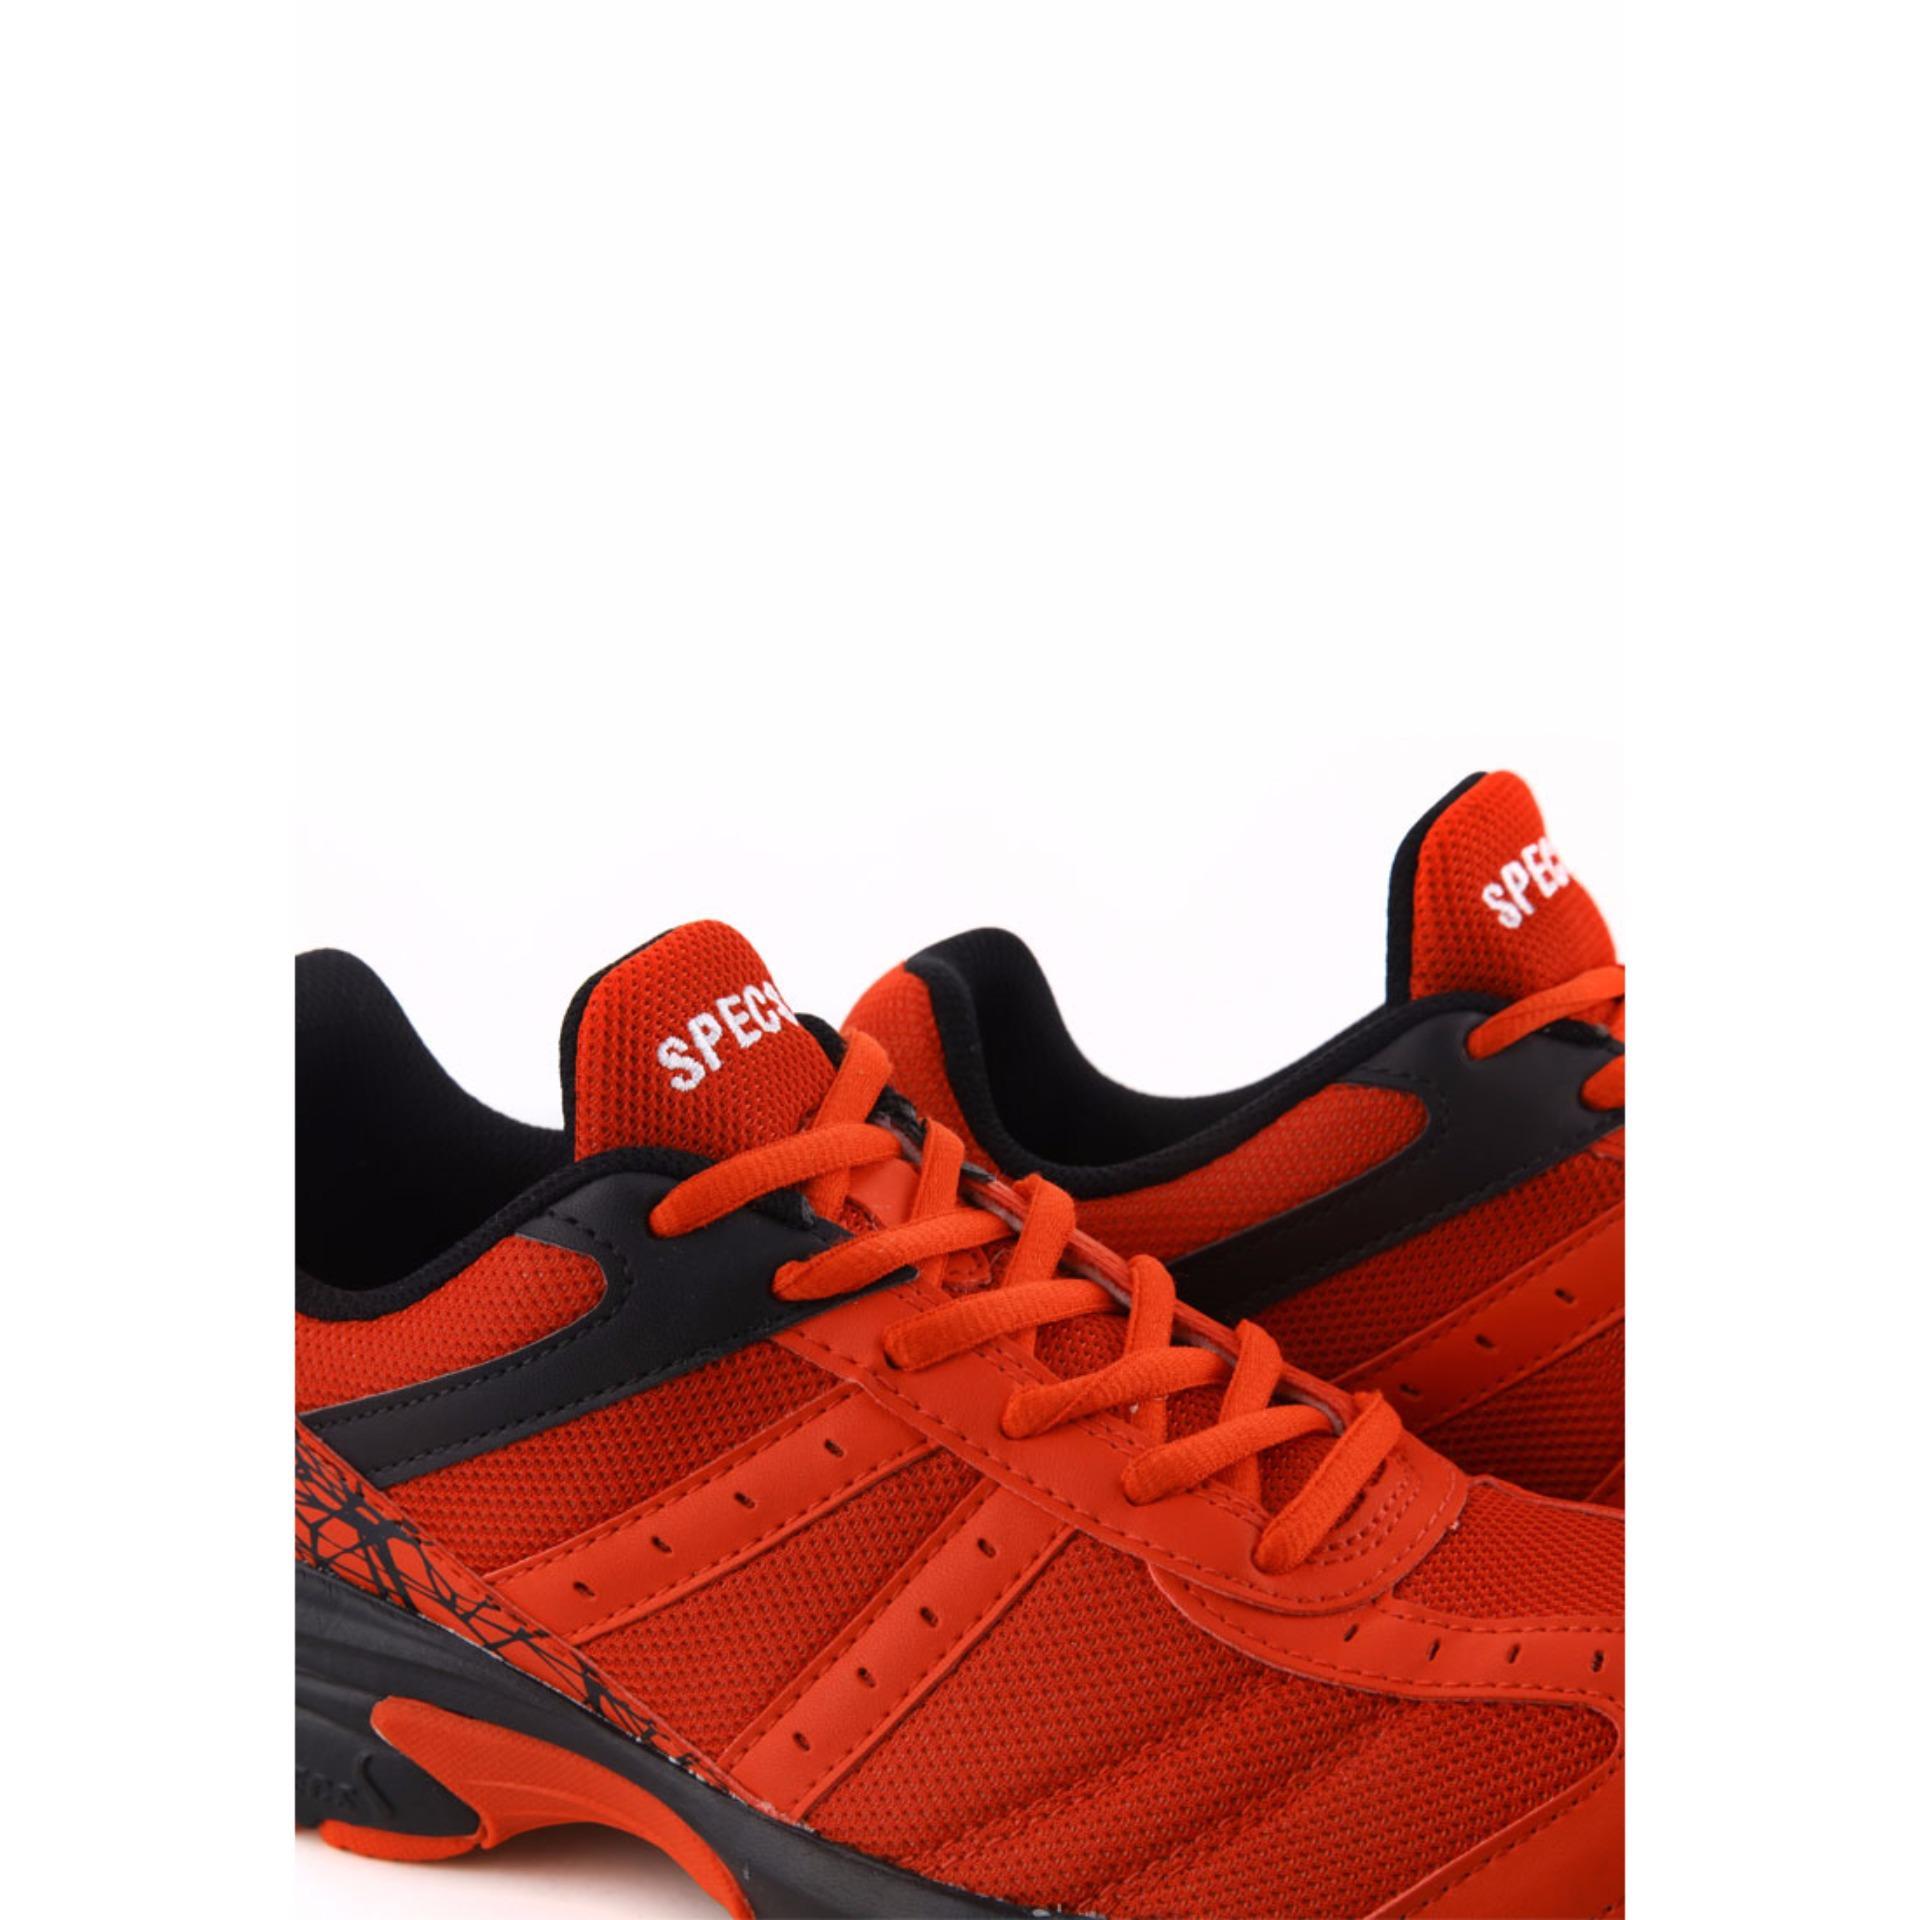 Specs 200410 Sepatu Running VINSON MASSIF - Merah Hitam   Lazada Indonesia